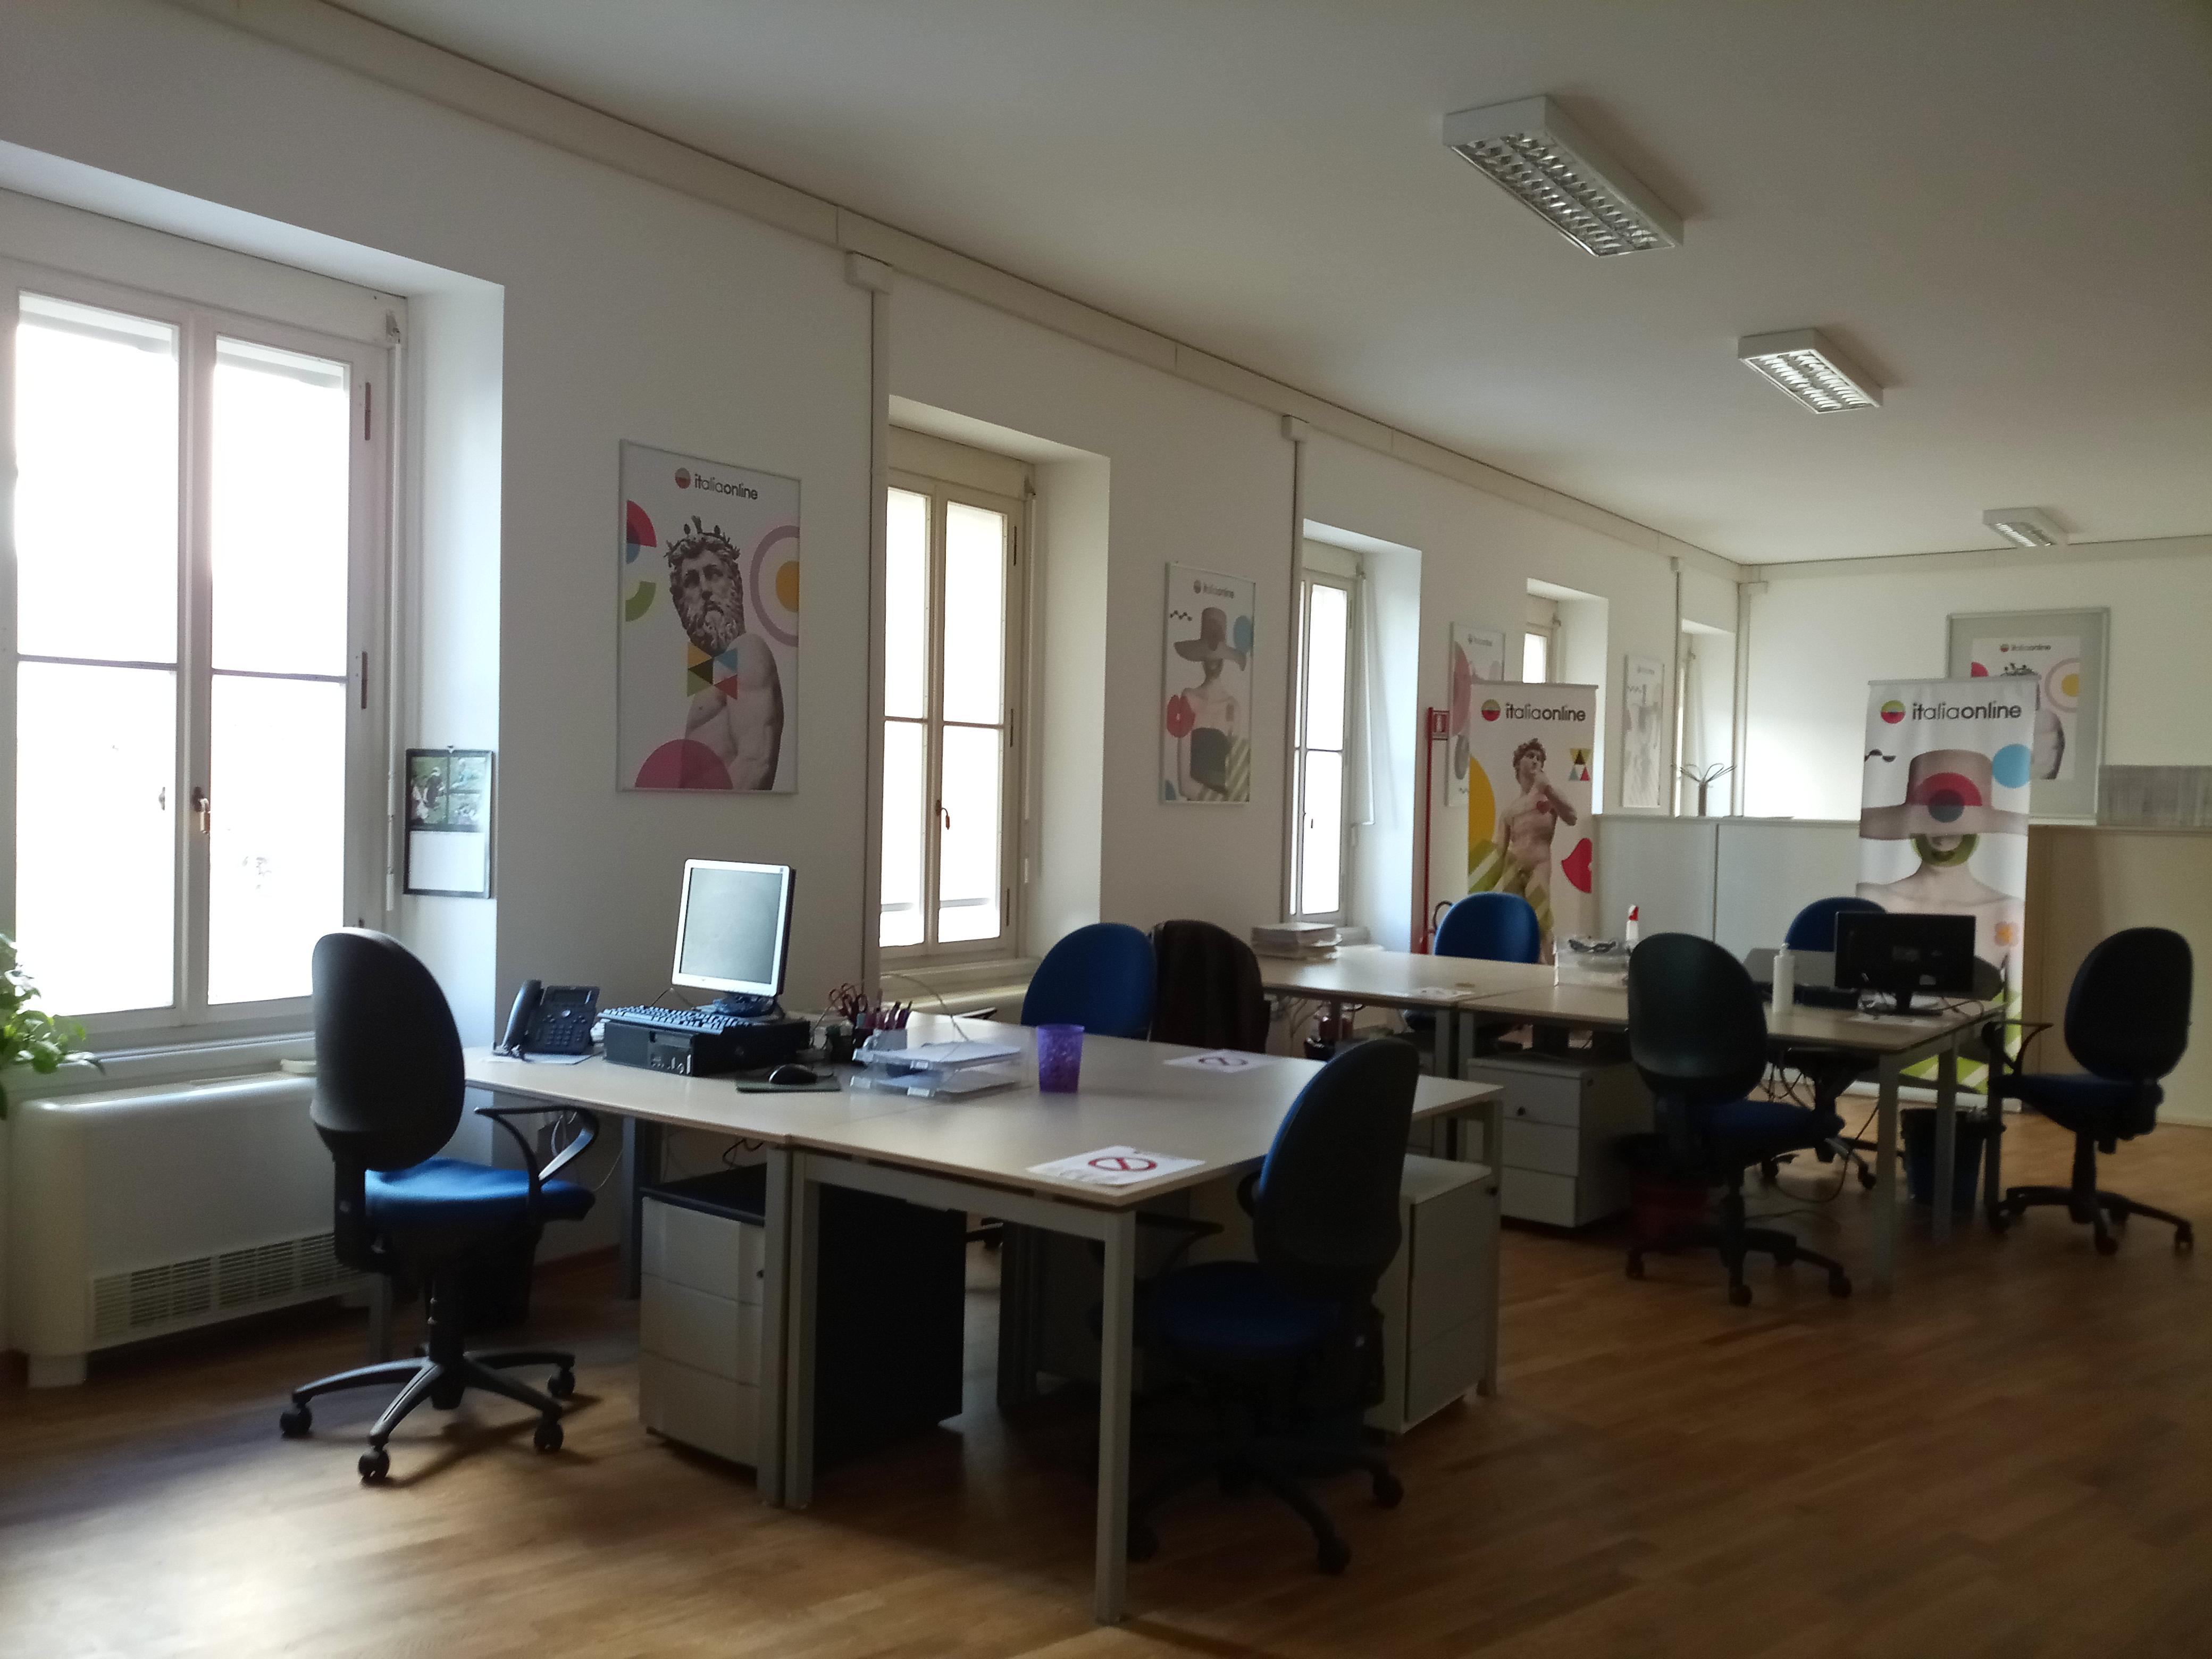 Agenzia Italiaonline di Trieste